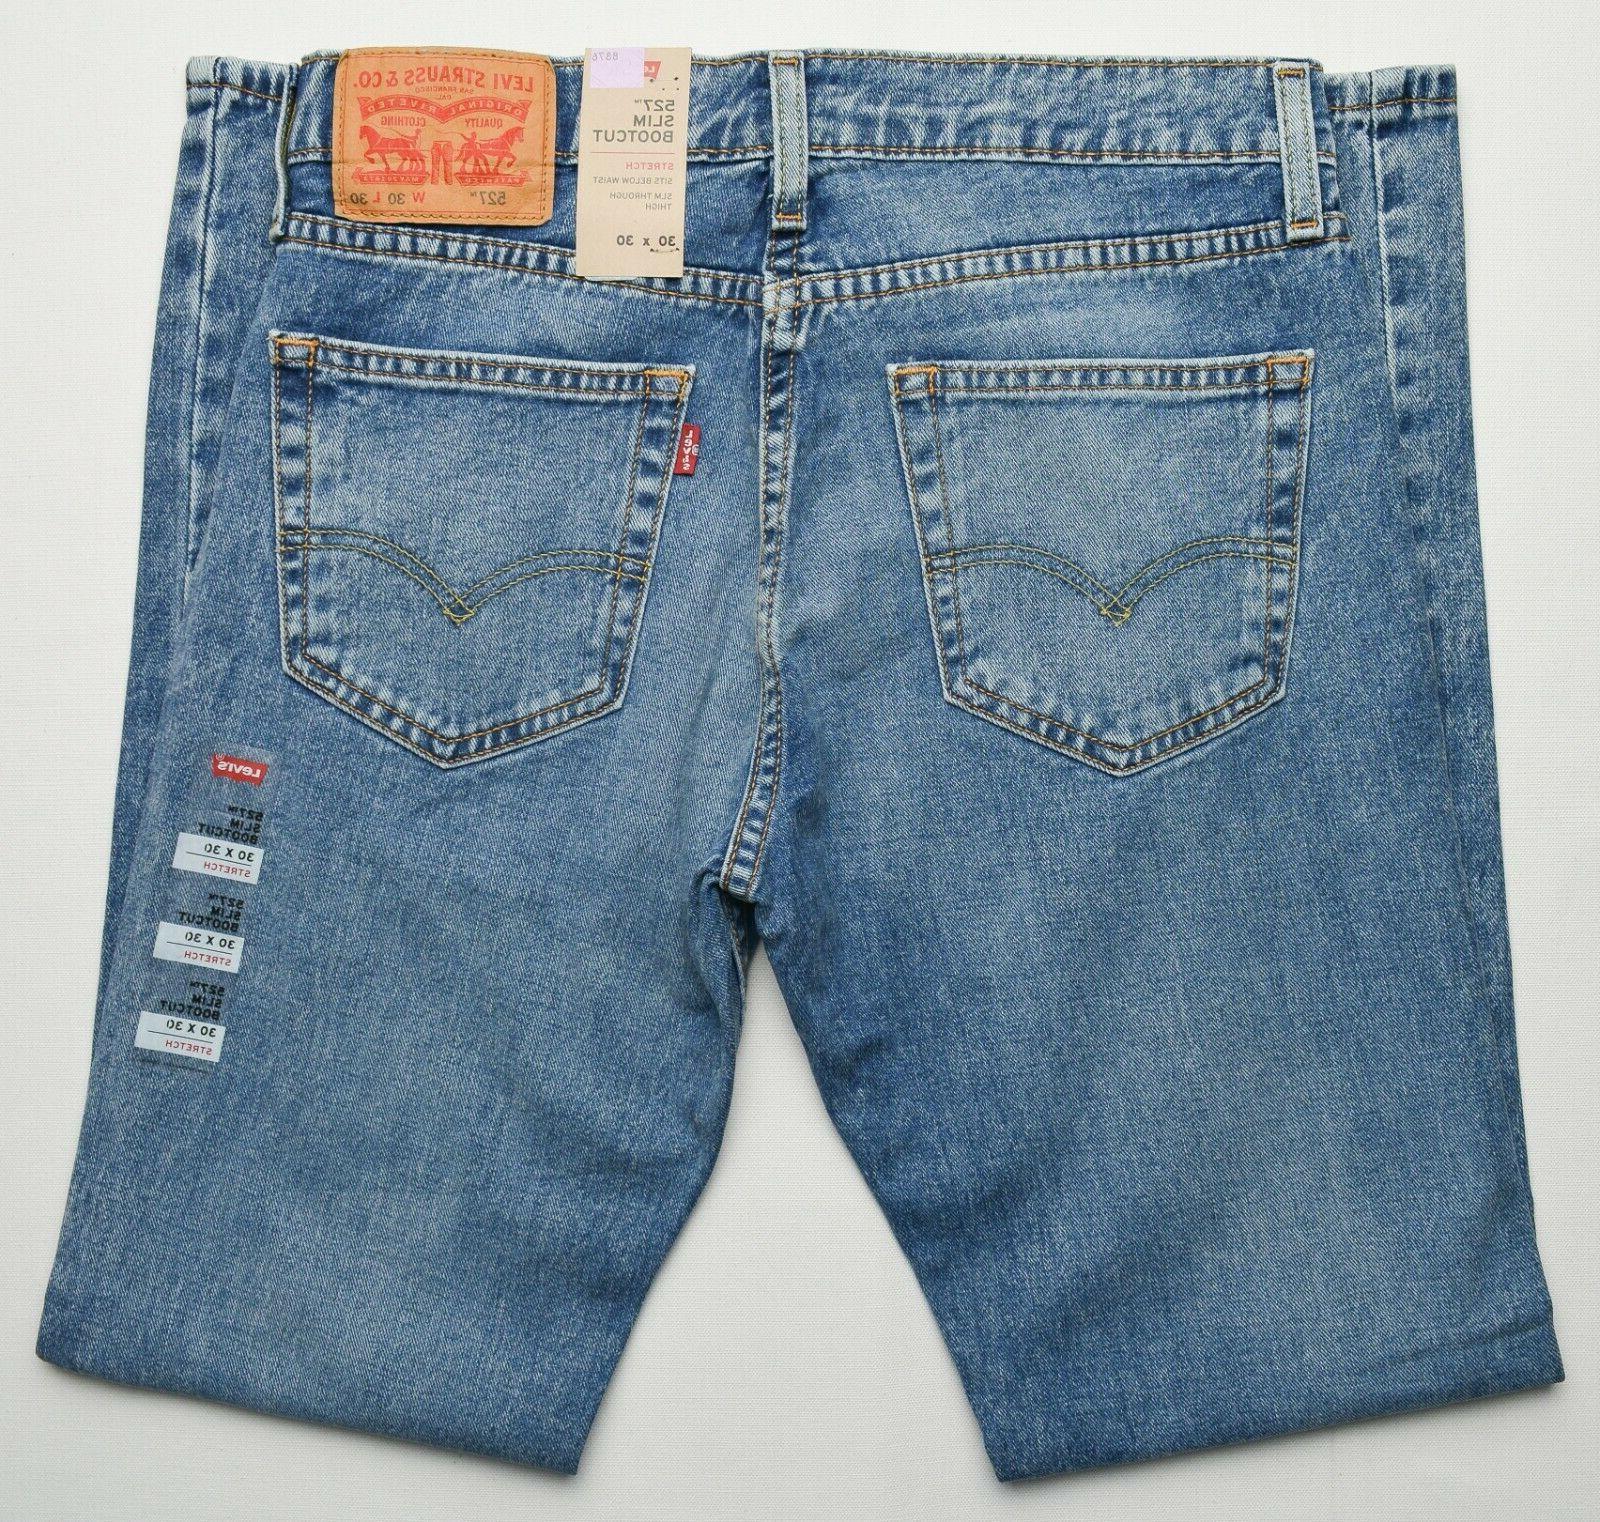 Levi's #8876 527 Jeans